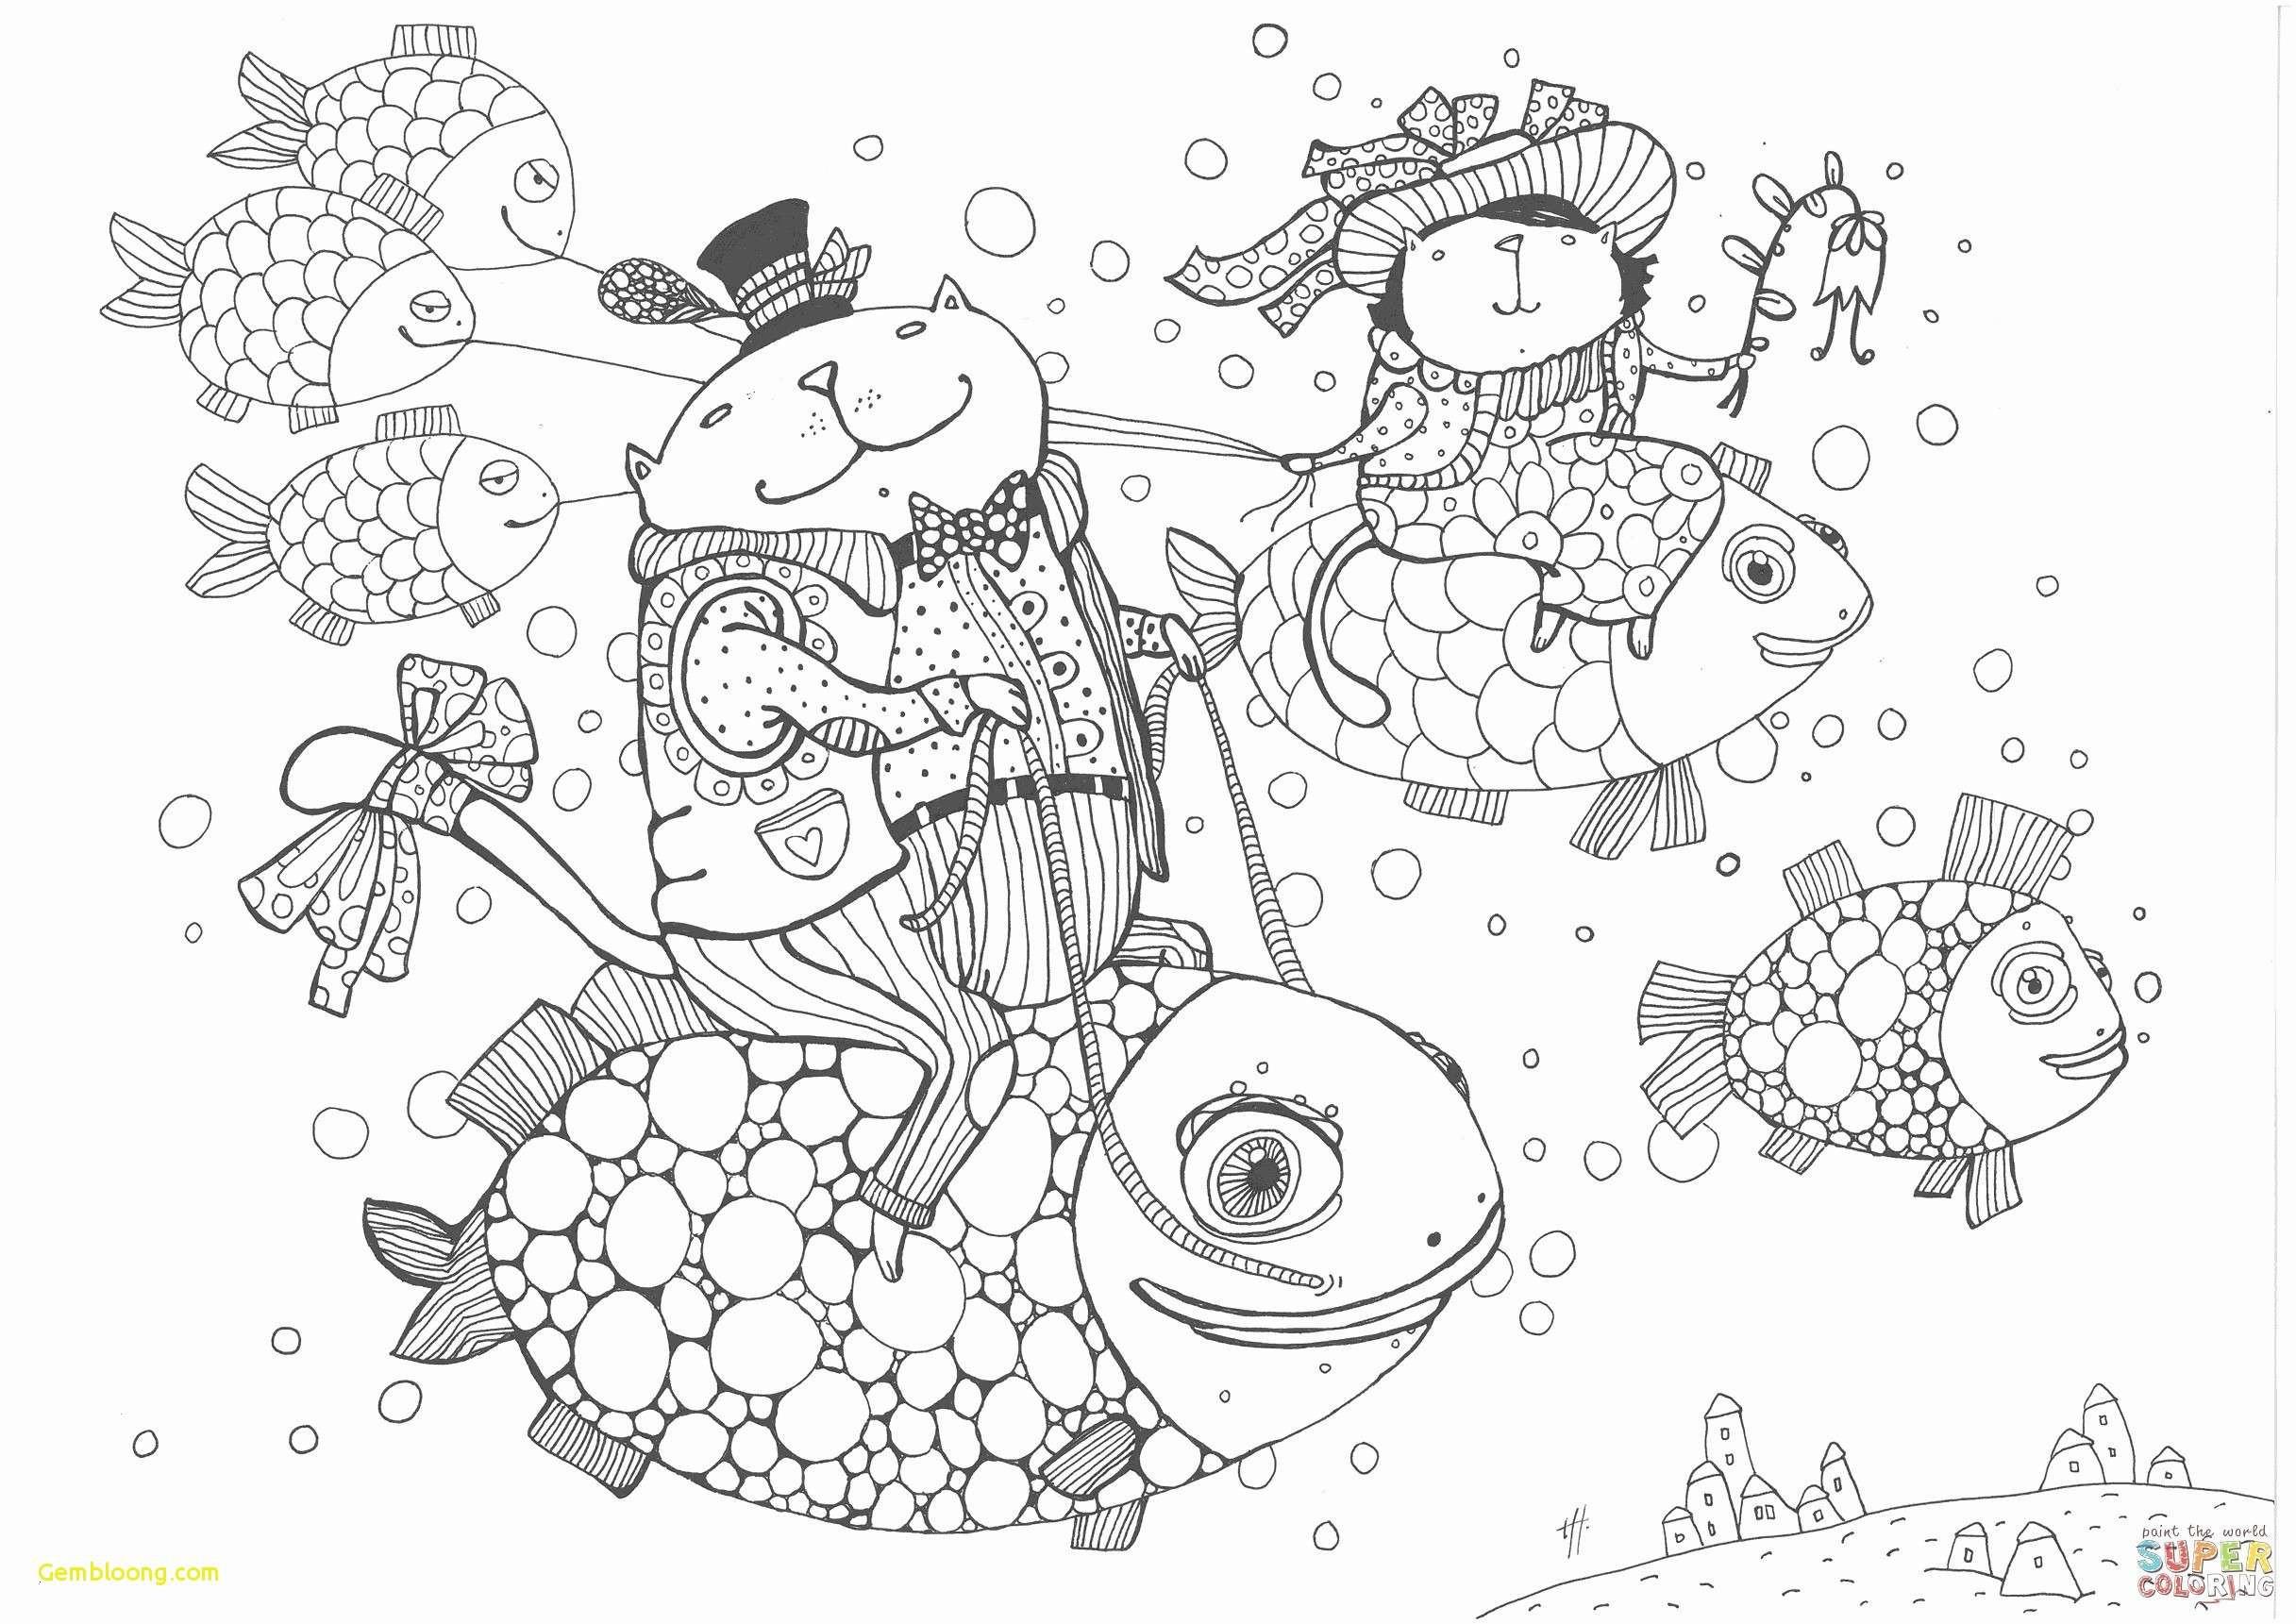 Ausmalbilder Fantasie Tiere Genial 38 Ausmalbilder Winter Gratis Scoredatscore Elegant Ausmalbilder Das Bild